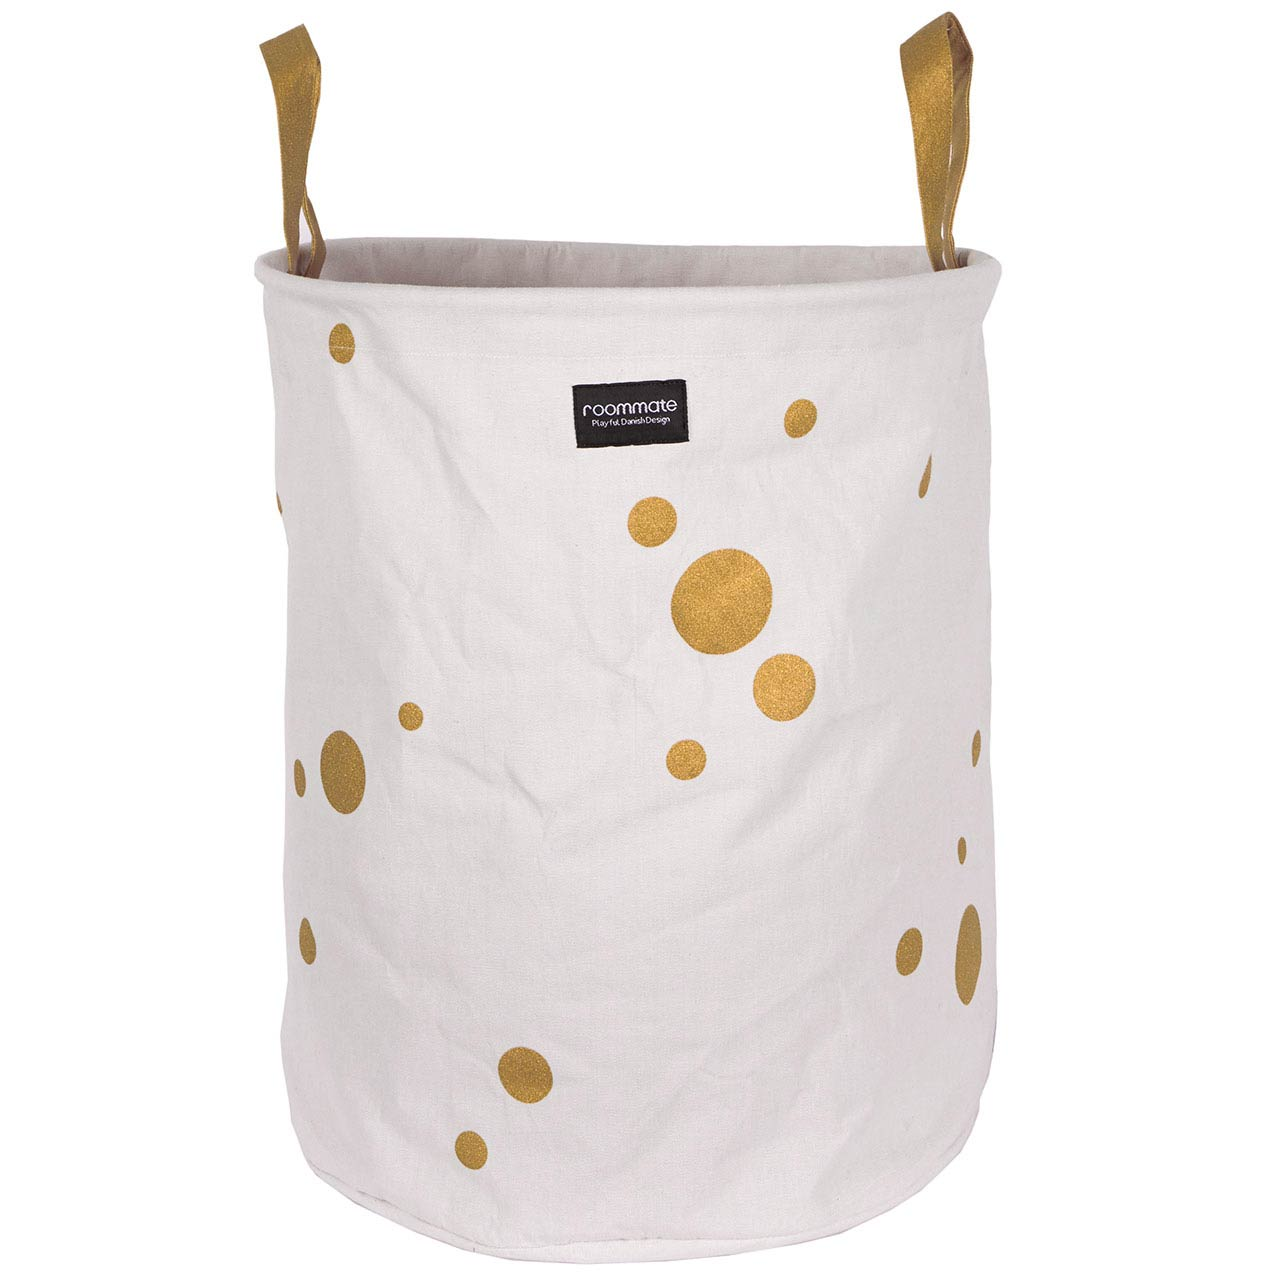 Full Size of Wäschekorb Kinderzimmer Wschekorb Wschesammler Aus Baumwolle Regale Sofa Regal Weiß Kinderzimmer Wäschekorb Kinderzimmer